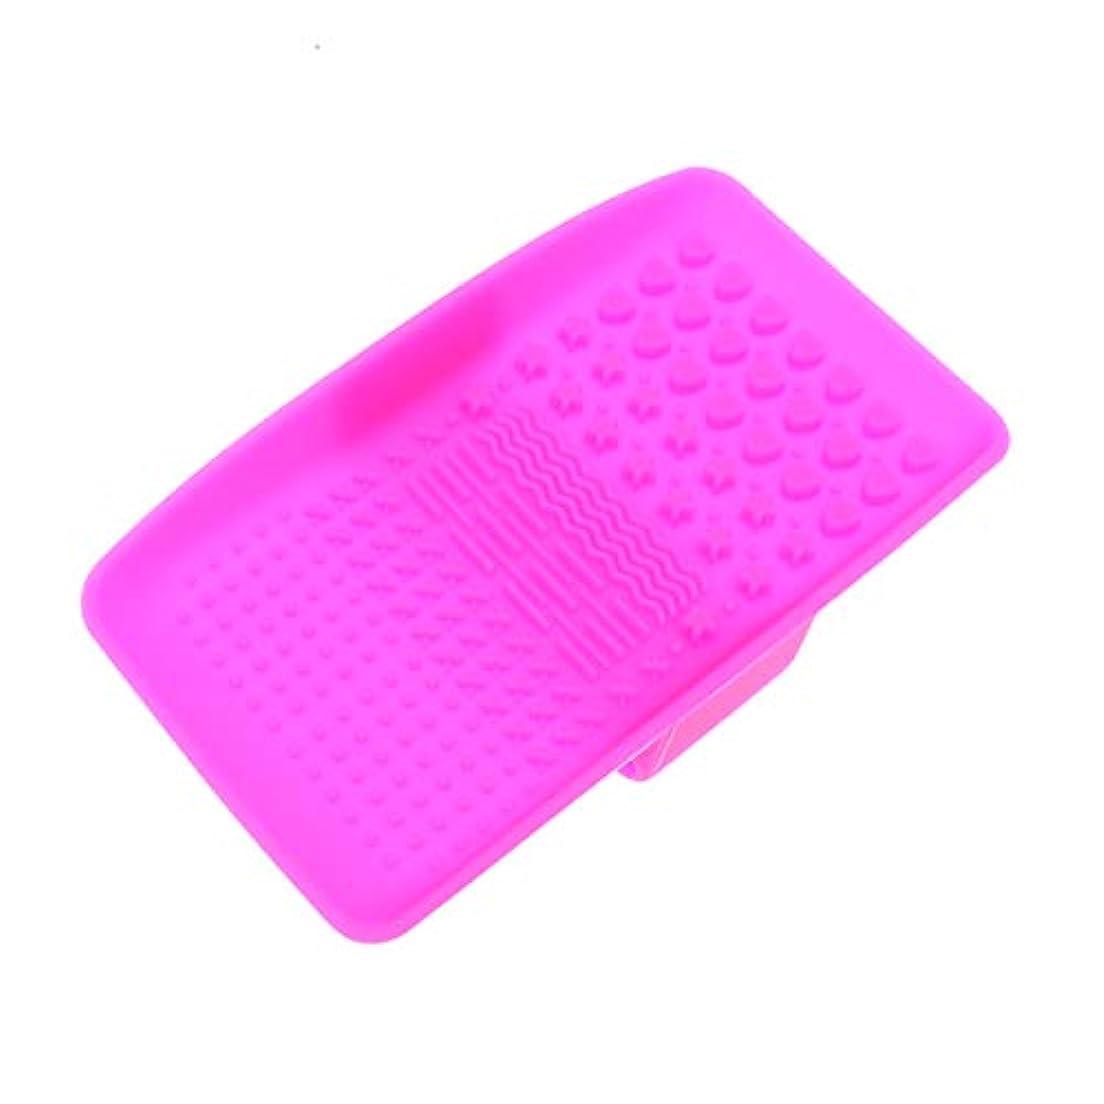 地域の取り囲む切断するBeaupretty 吸引ブラシが付いているシリコーンのブラシのクリーニングのマットの携帯用化粧品のブラシの洗剤